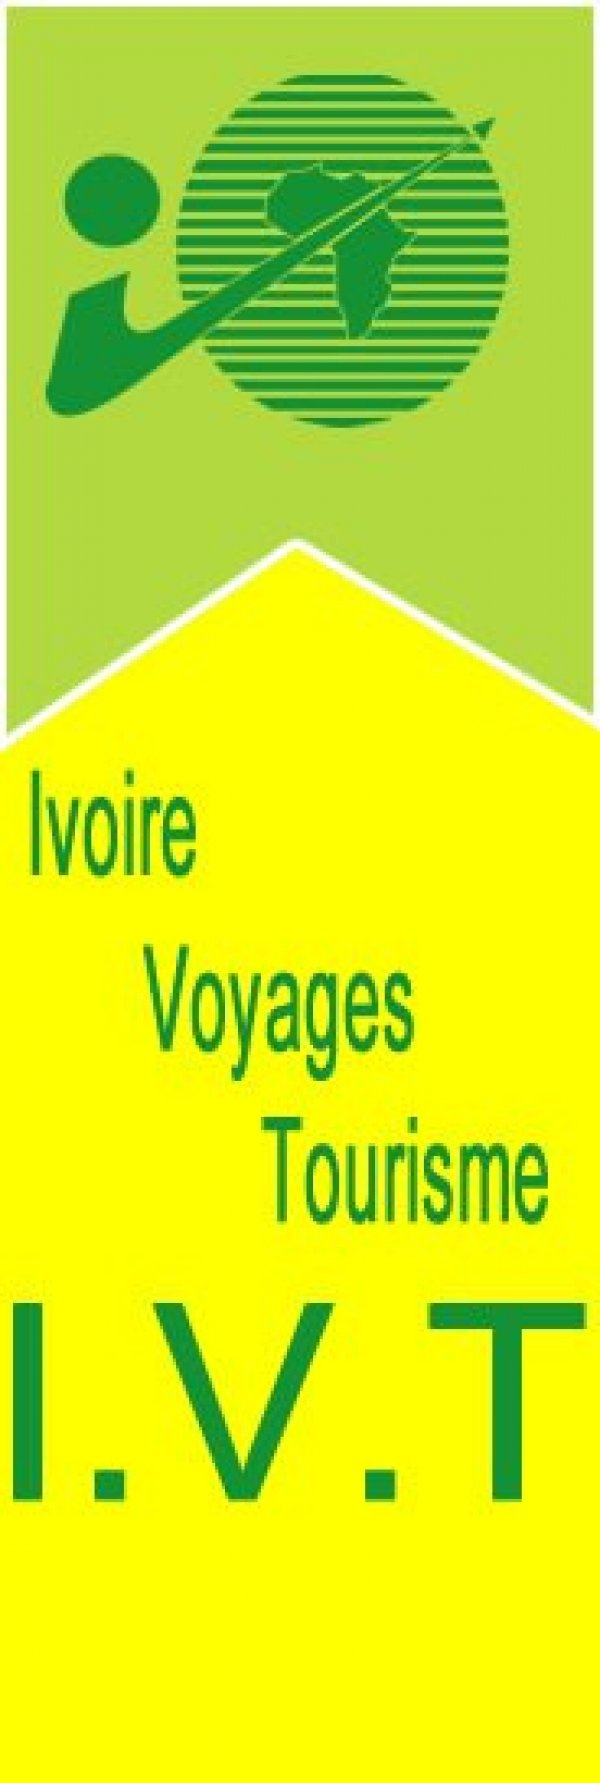 Ivoire Voyages Tourisme (I.V.T)